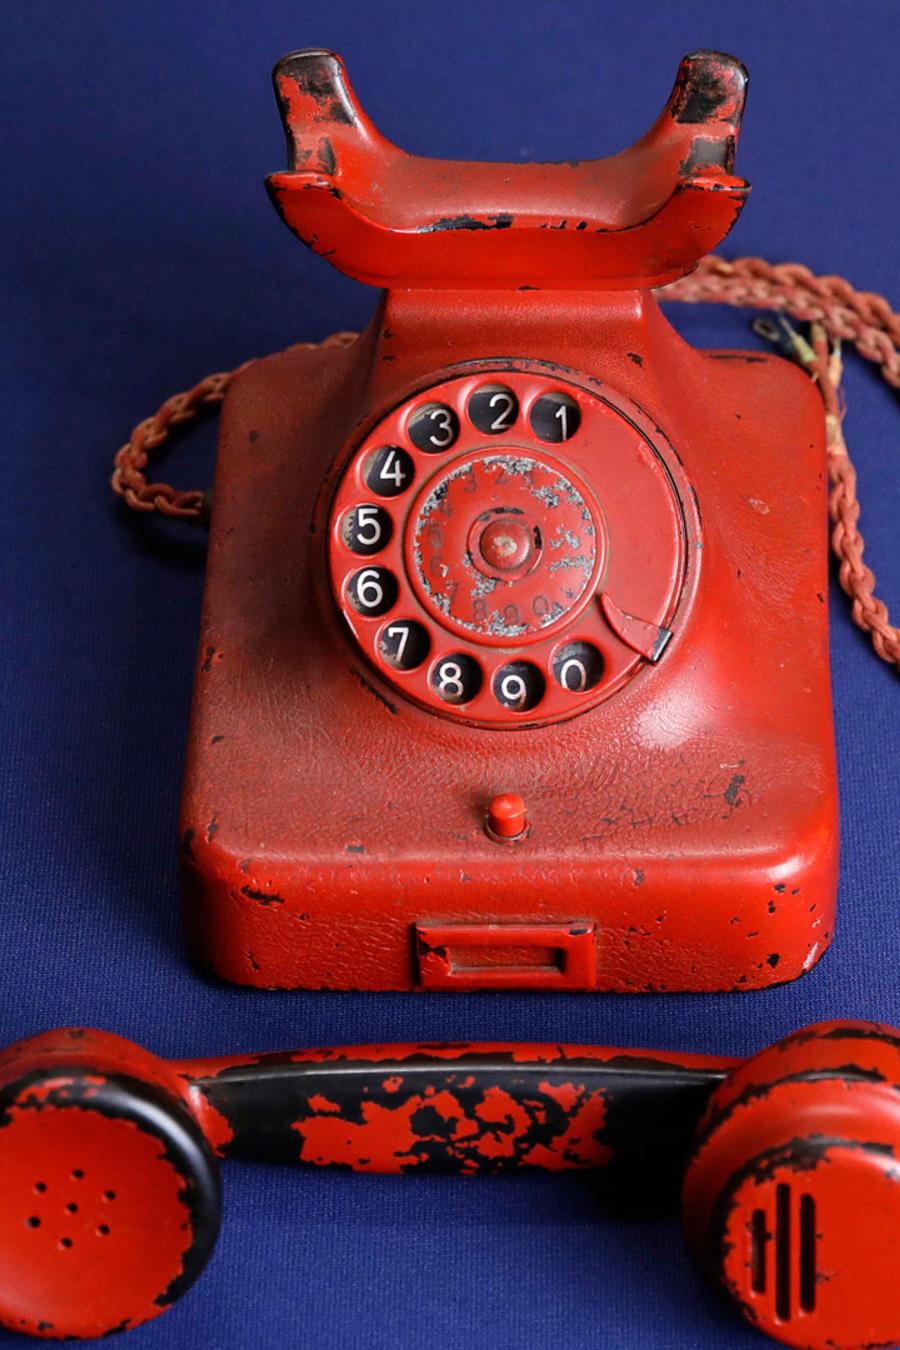 Teléfono que perteneció a Adolfo Hitler